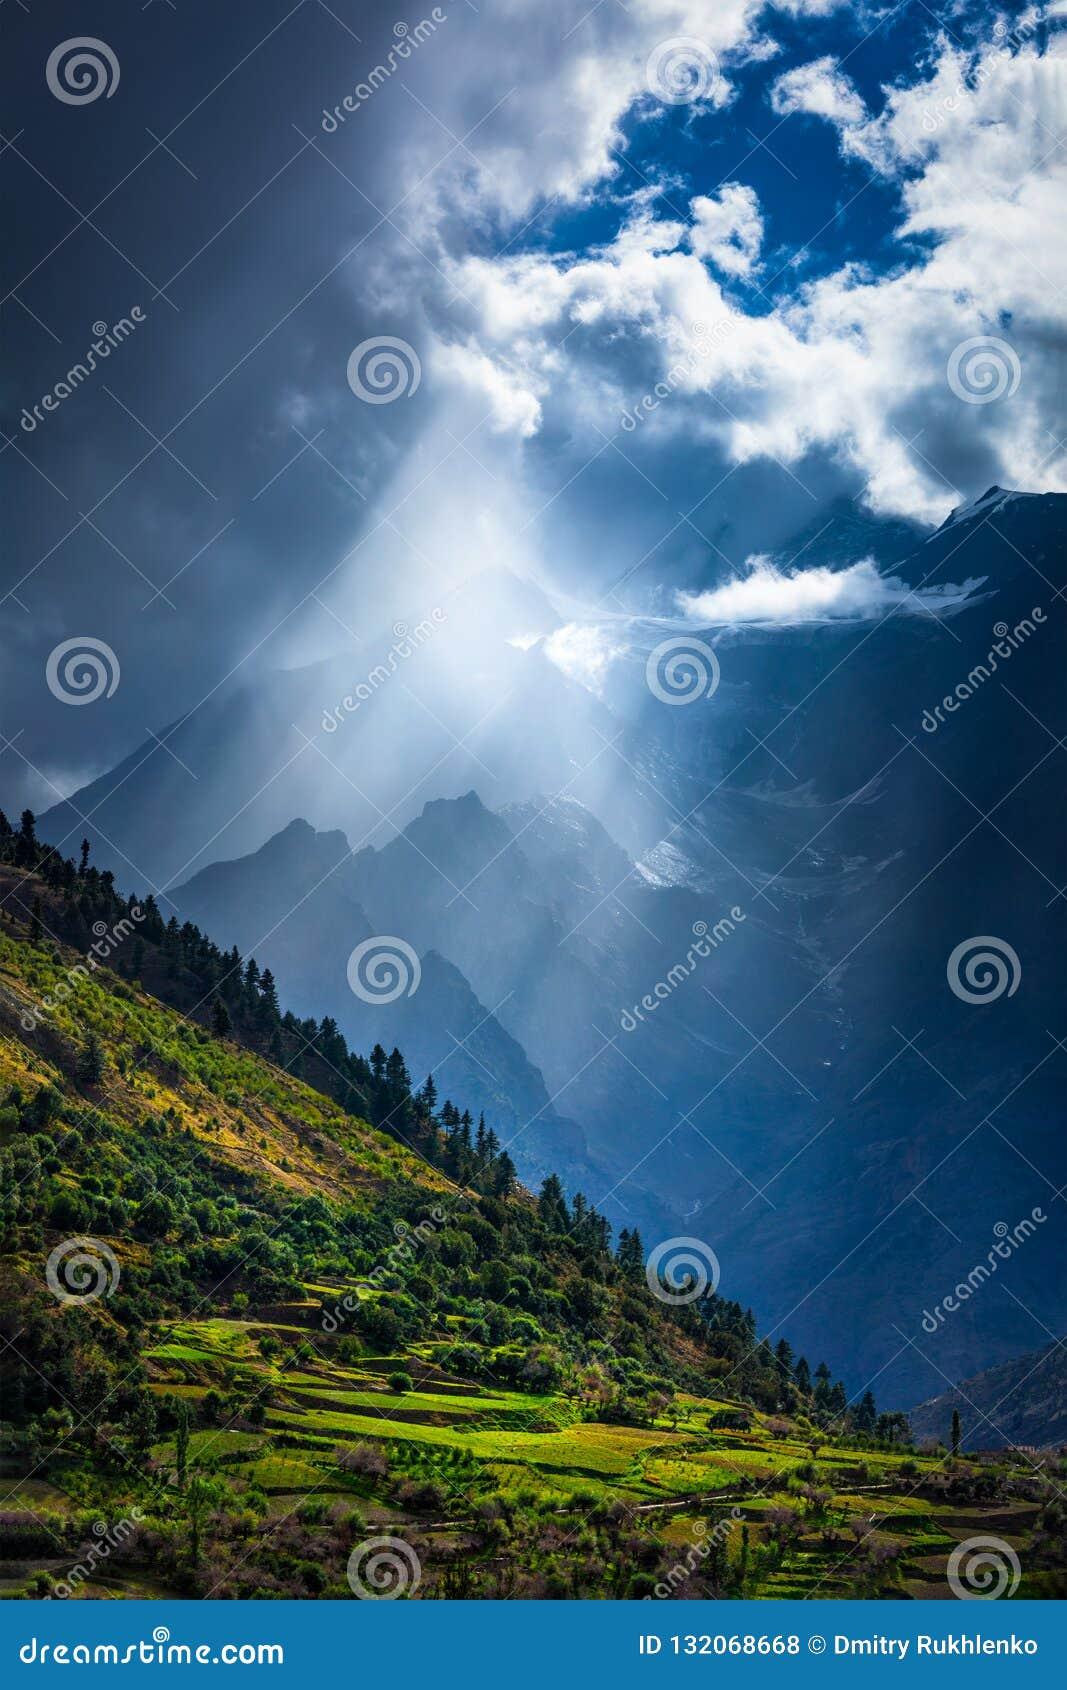 Лучи Солнца через облака в гималайской долине в Гималаях